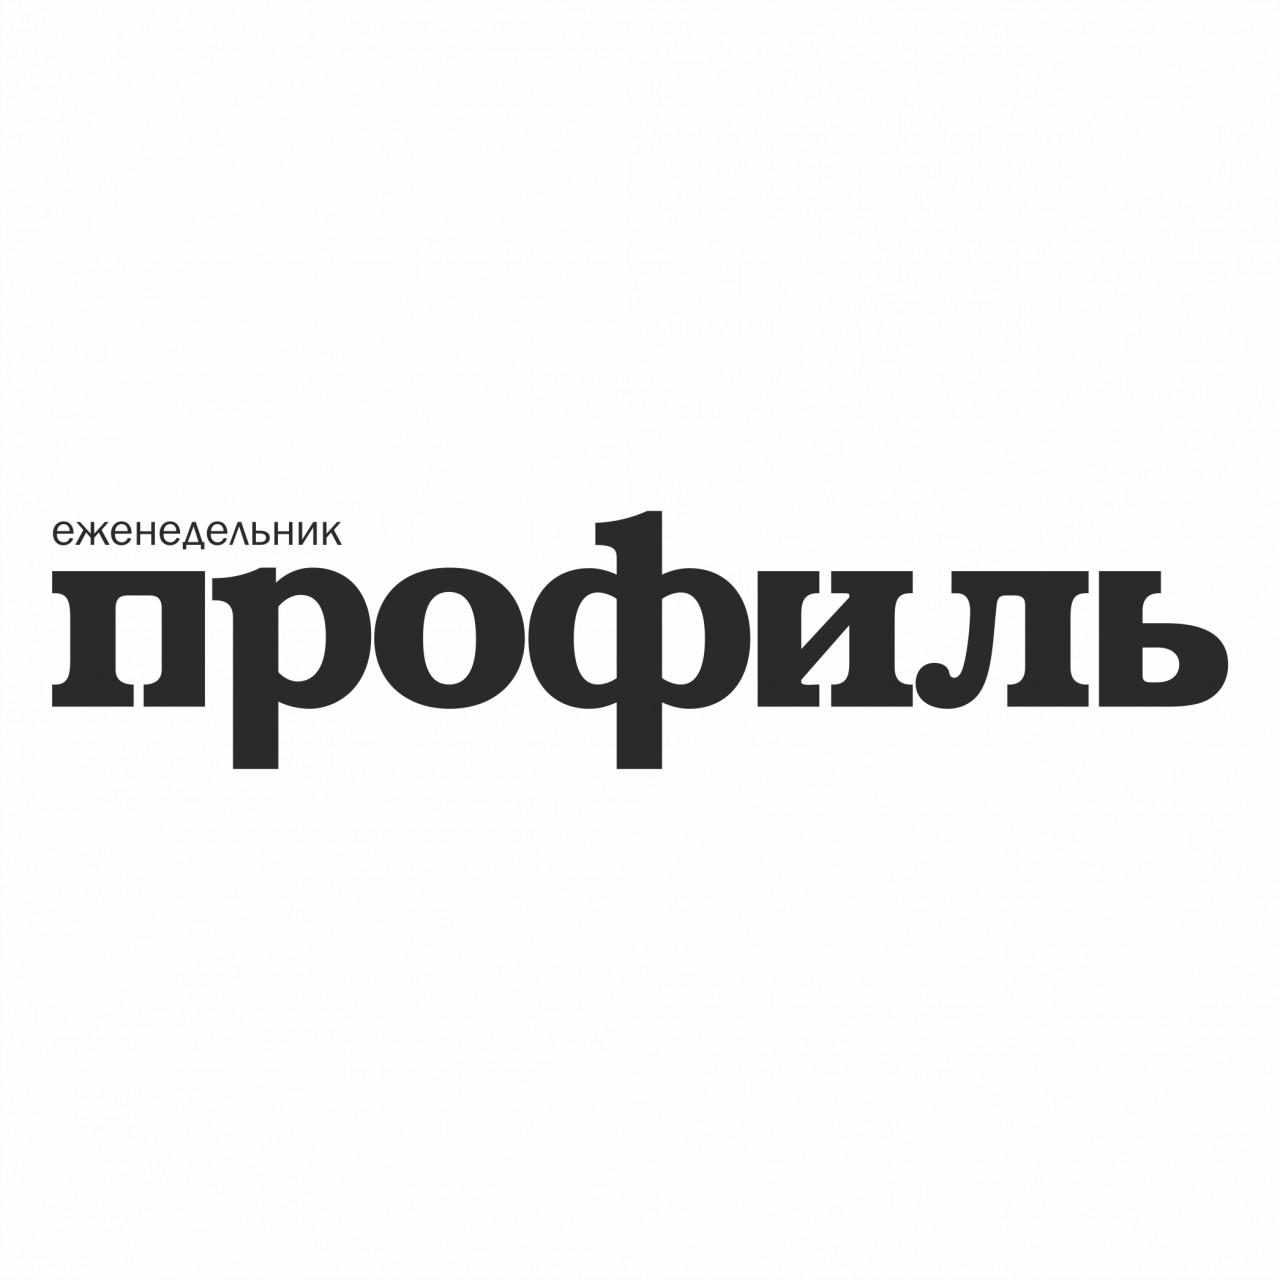 Украинский генерал призвал создать ракеты, способные «достать до Москвы»